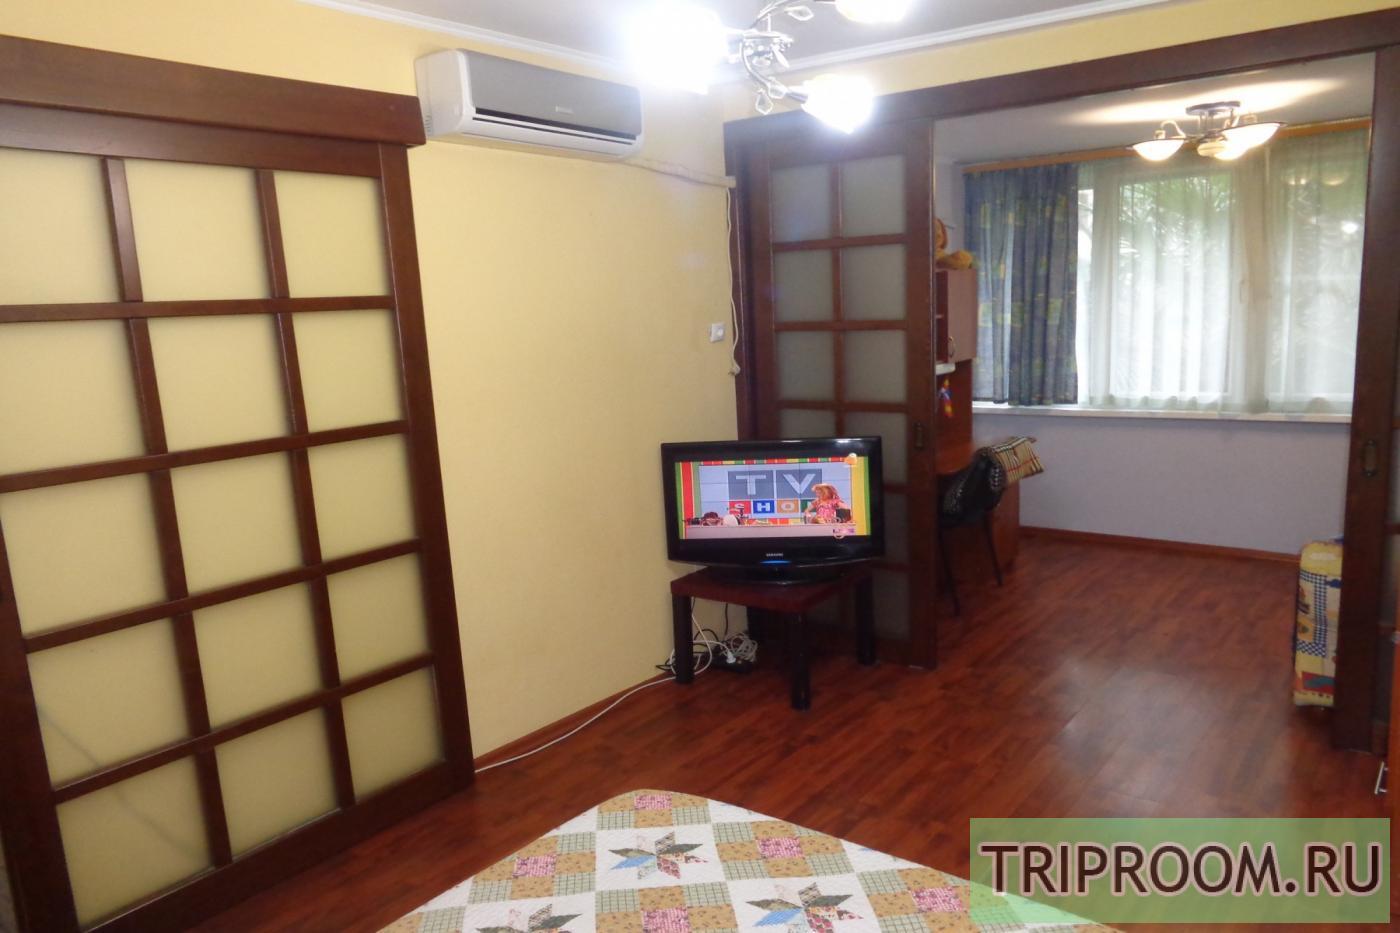 1-комнатная квартира посуточно (вариант № 2452), ул. Невская улица, фото № 2